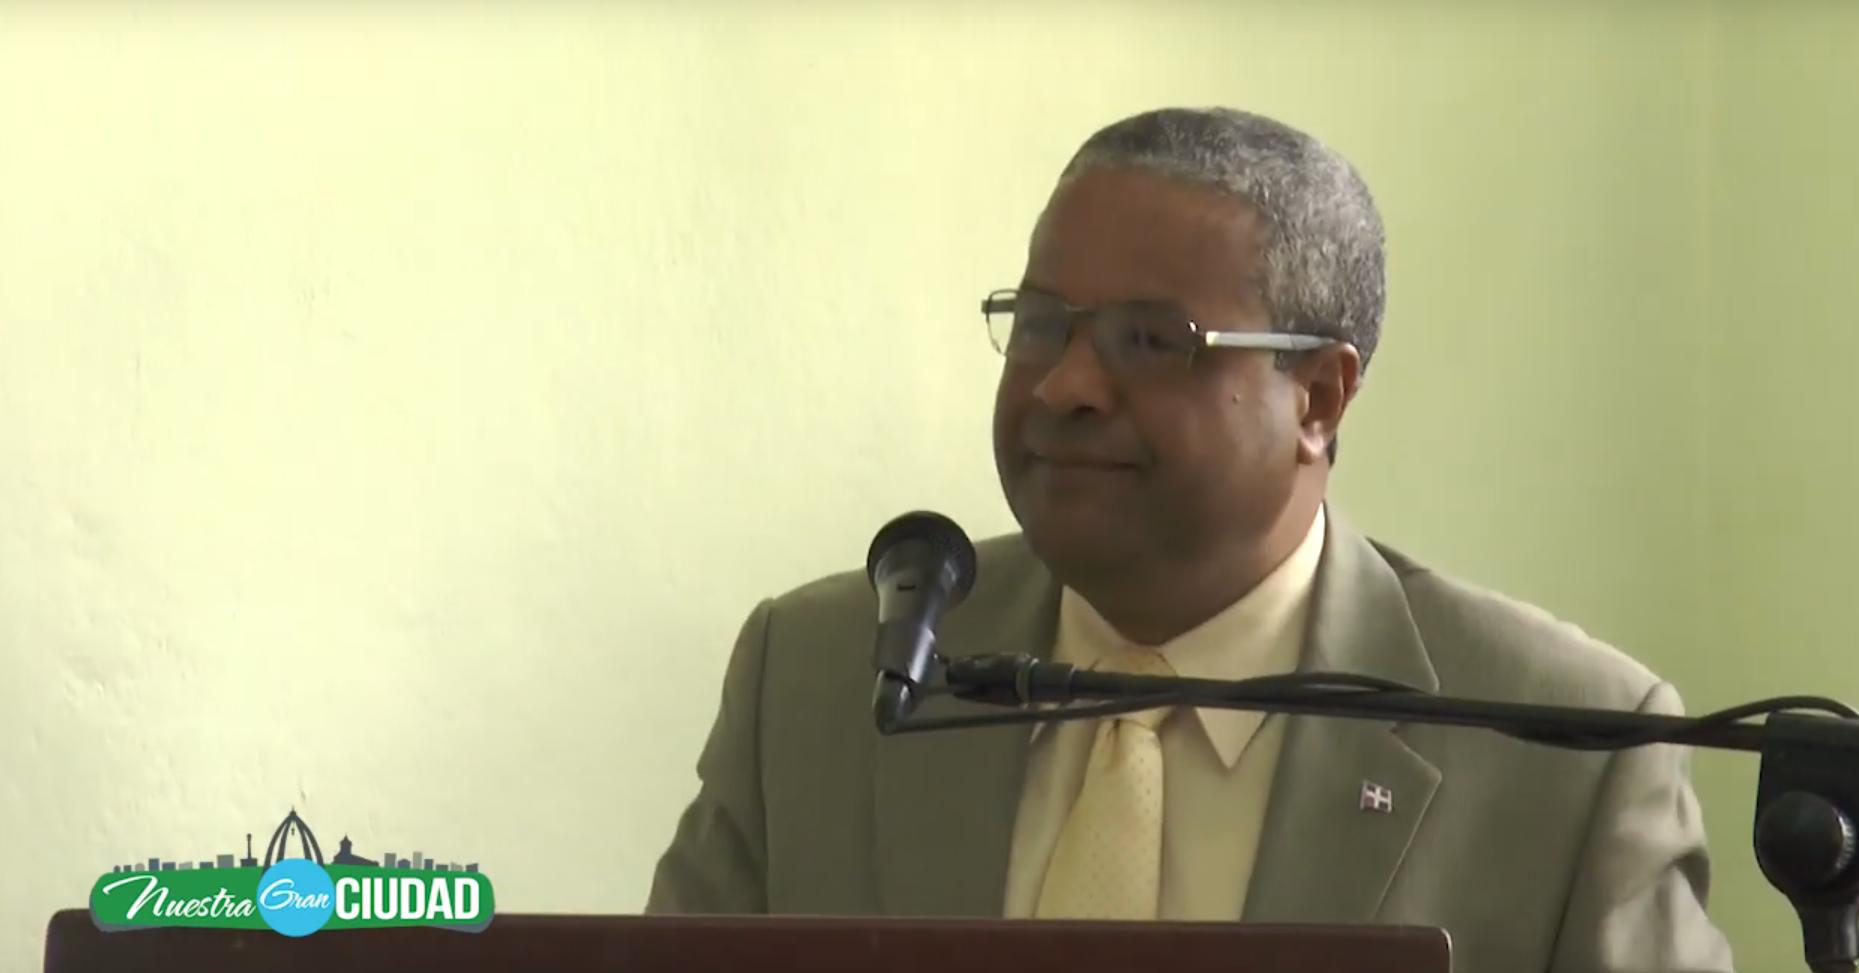 Programa Nuestra Gran Ciudad Sábado 17 de Agosto 2019, con las palabras de Alcalde Arq. Ramón Ant. Echavarría en el actos de rendición de cuentas 2018-2019